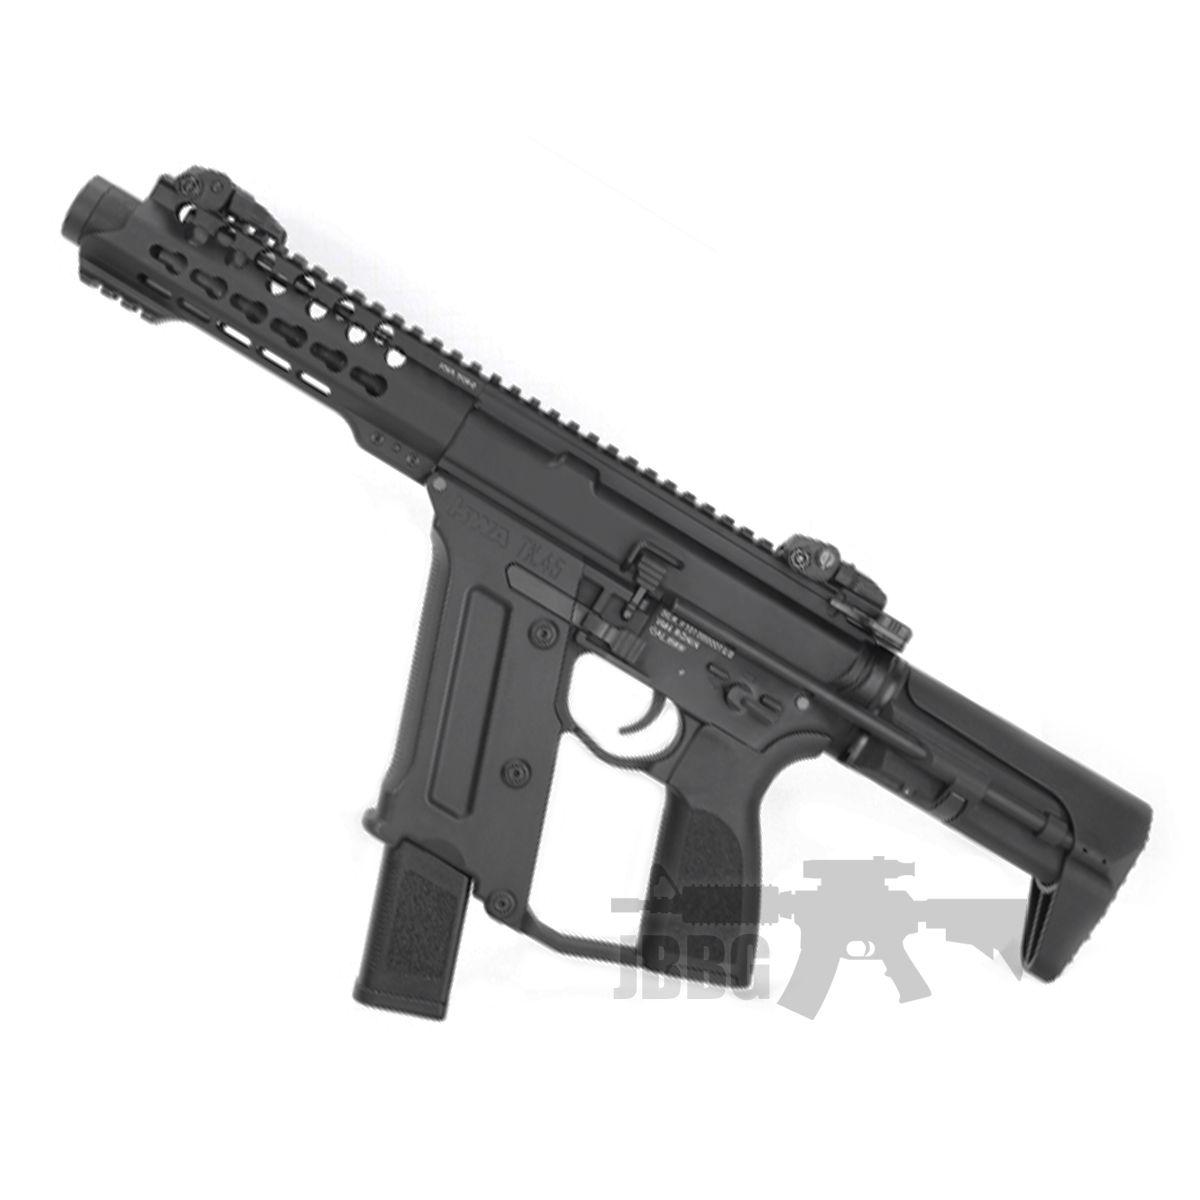 KWA Airsoft Ronin TK.45c AEG 2.5 Airsoft Rifle